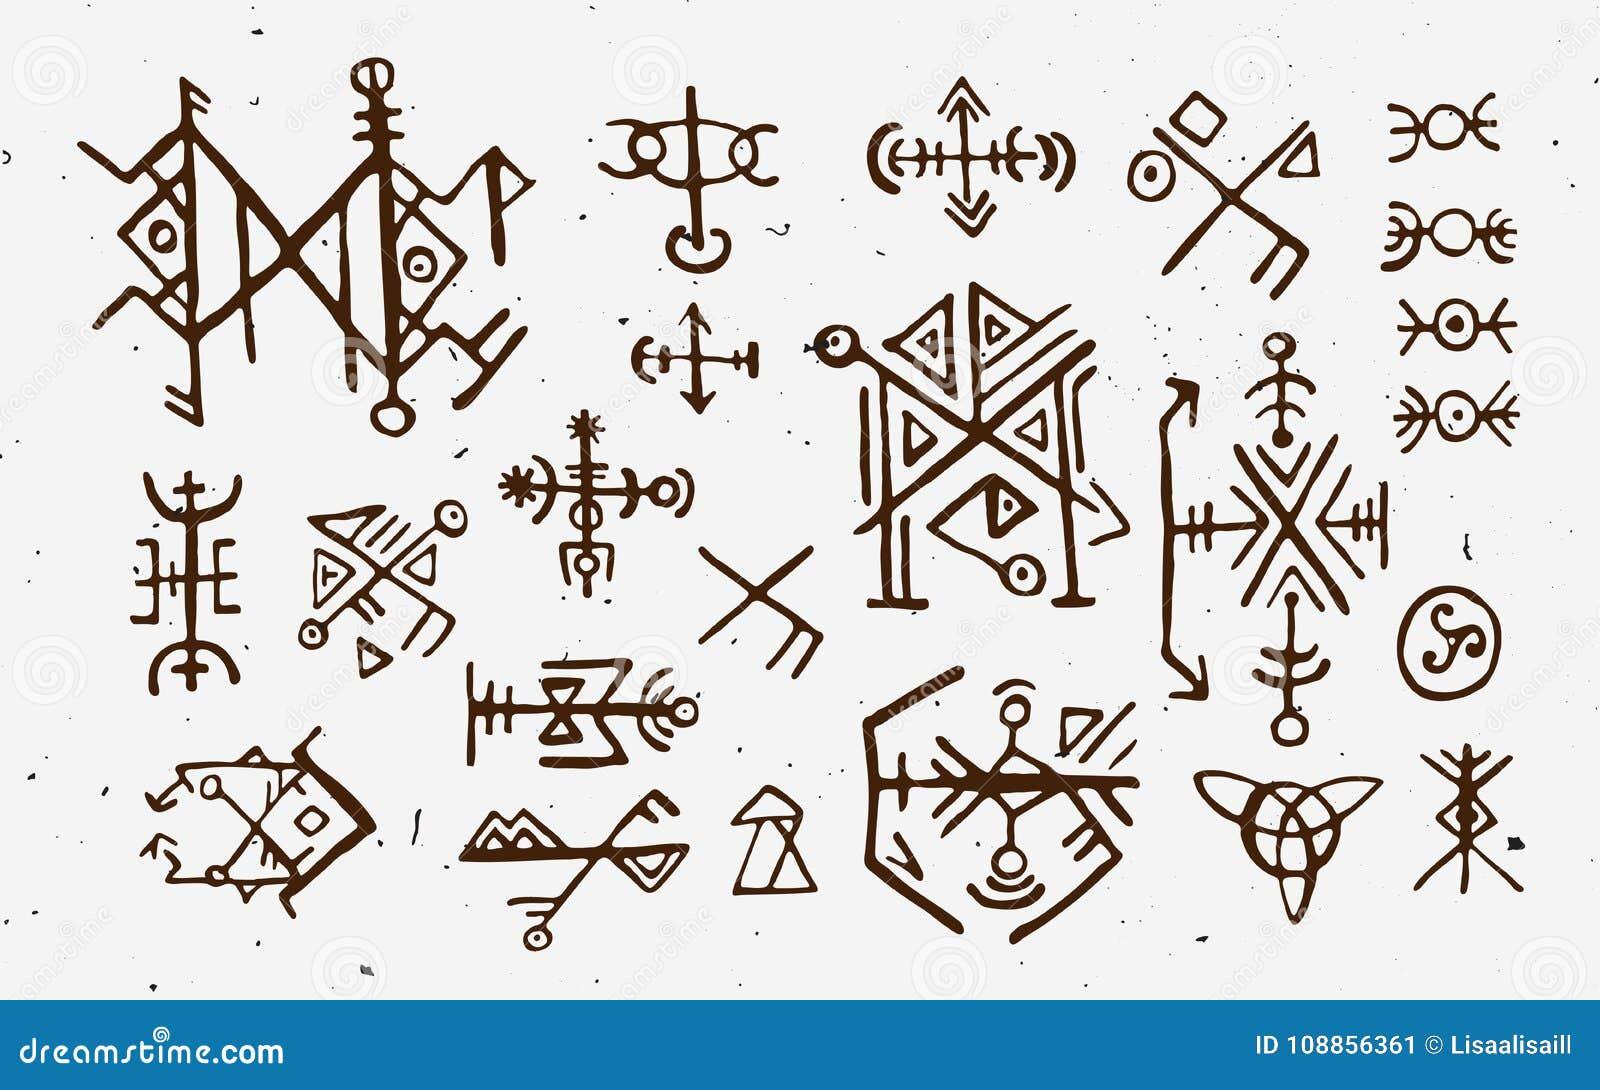 Futhark Skandinavier Islandic Und Wikinger Runen Eingestellt